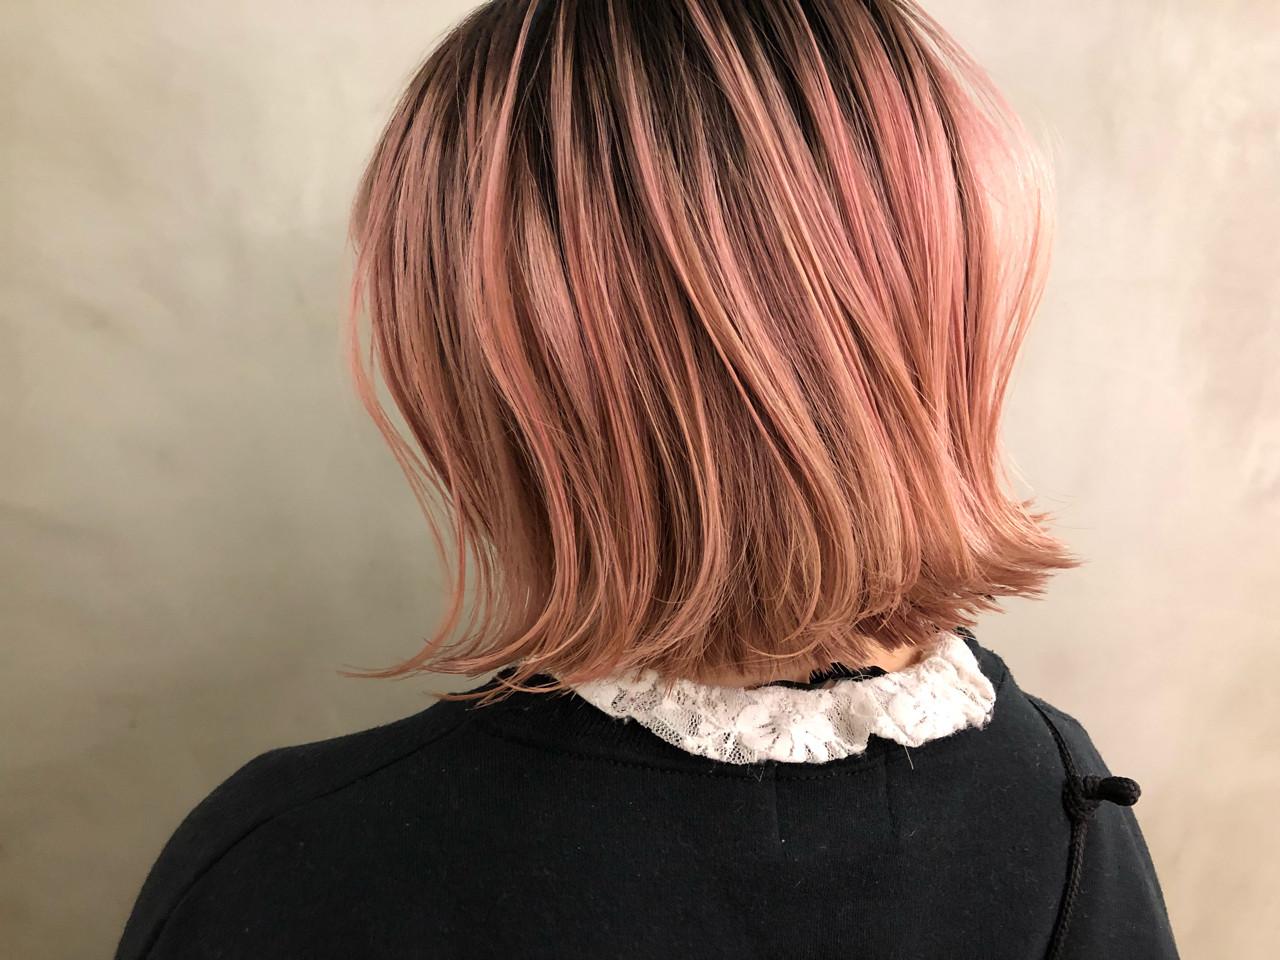 色気 抜け感 デート 簡単ヘアアレンジ ヘアスタイルや髪型の写真・画像 | 野田和宏 / PARKiiiNG